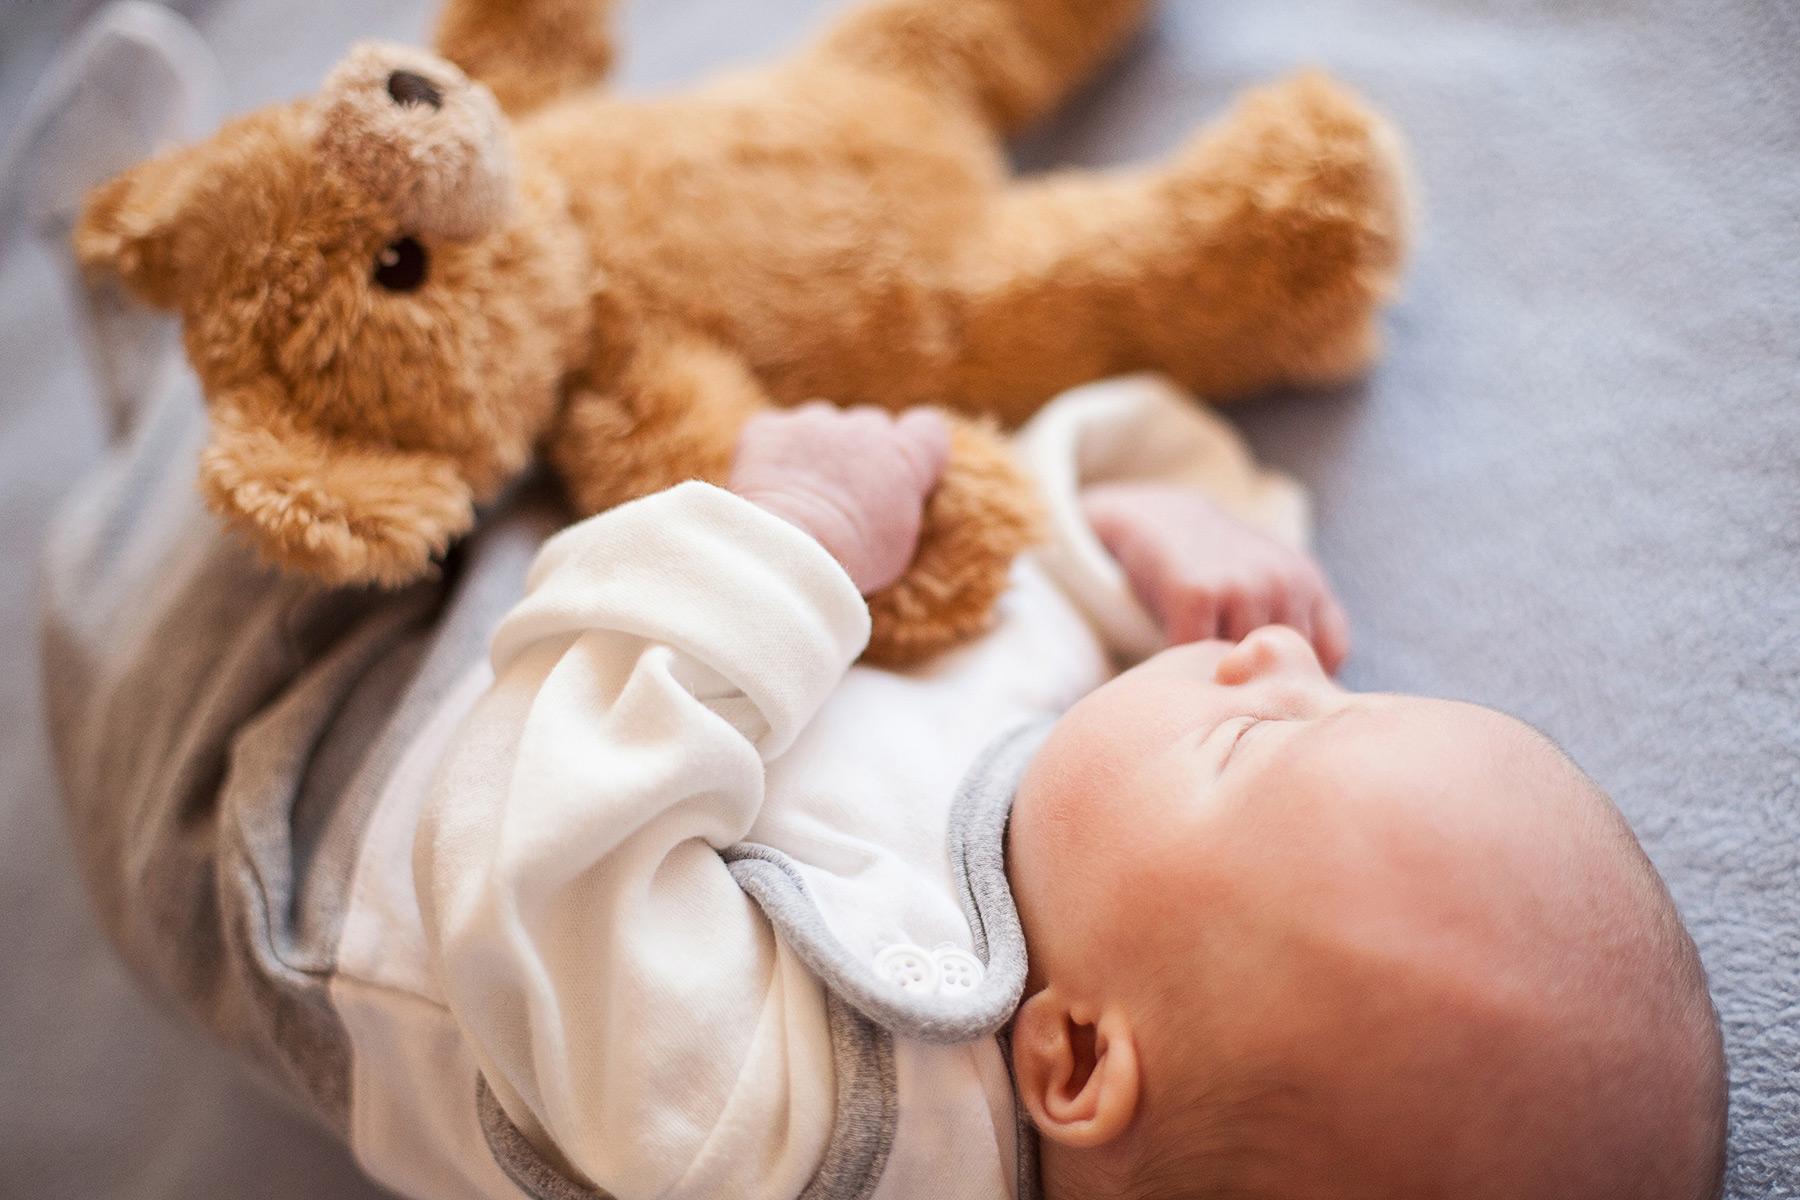 schlafendes Baby hält einen Teddy fest in seinem Händchen